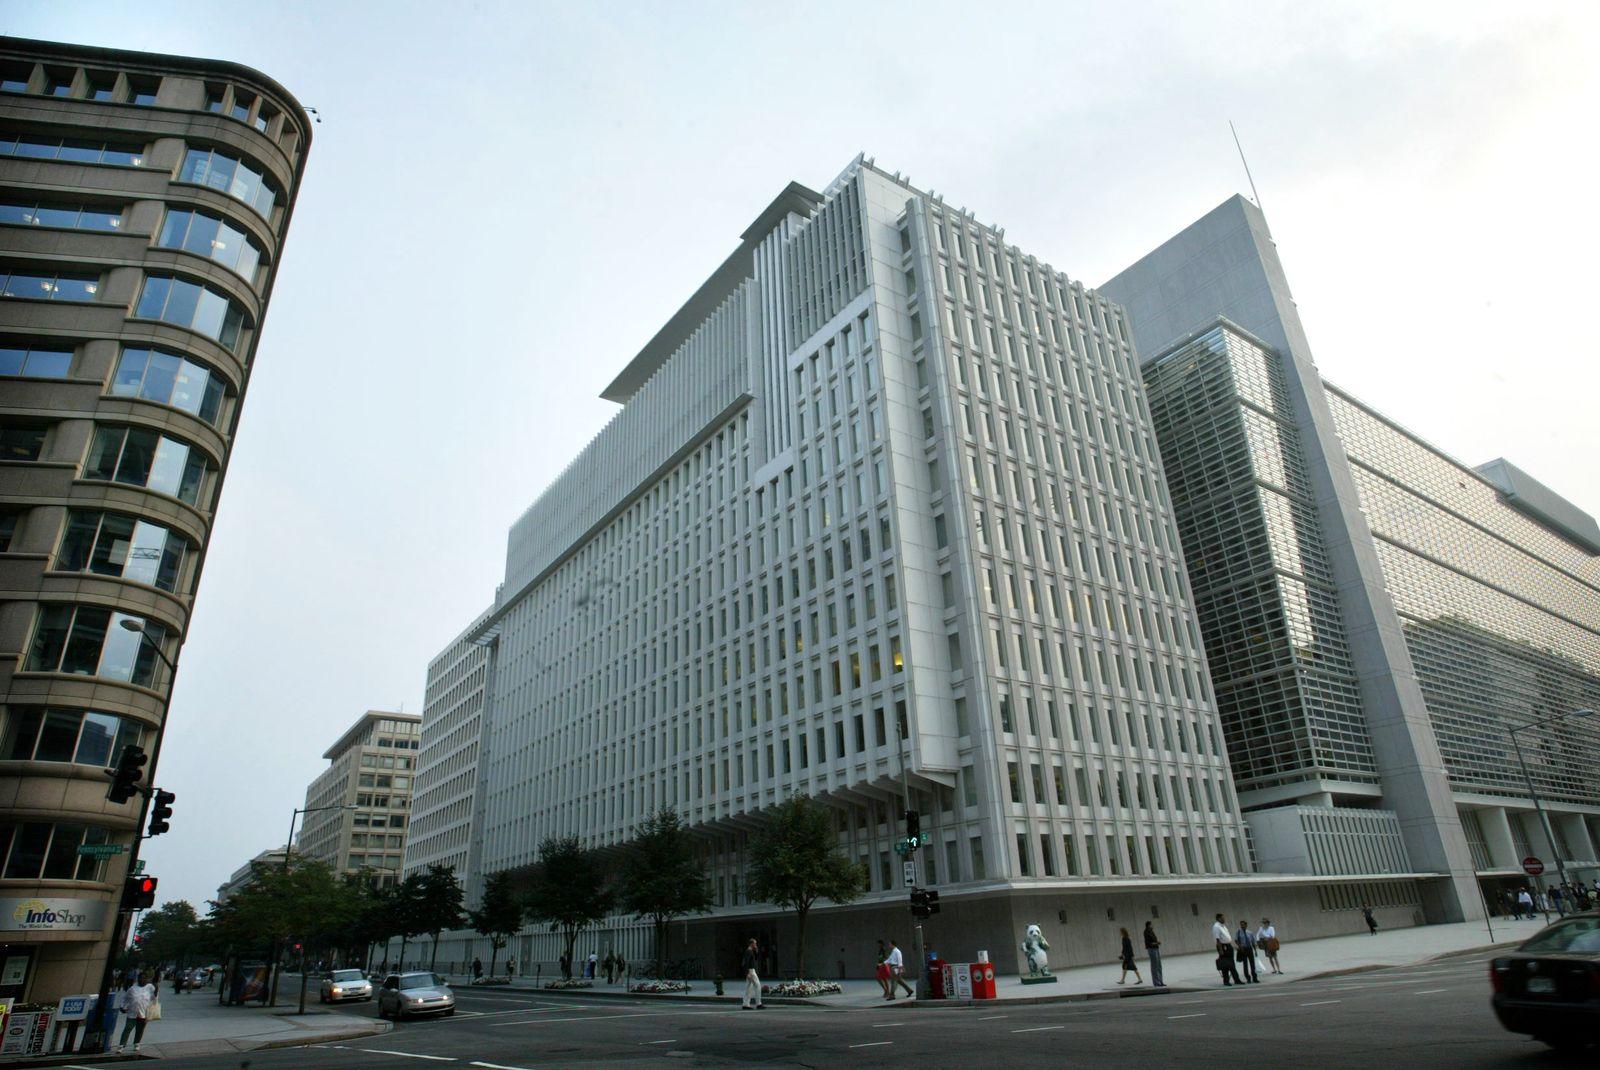 Weltbank / Washington / ICSID